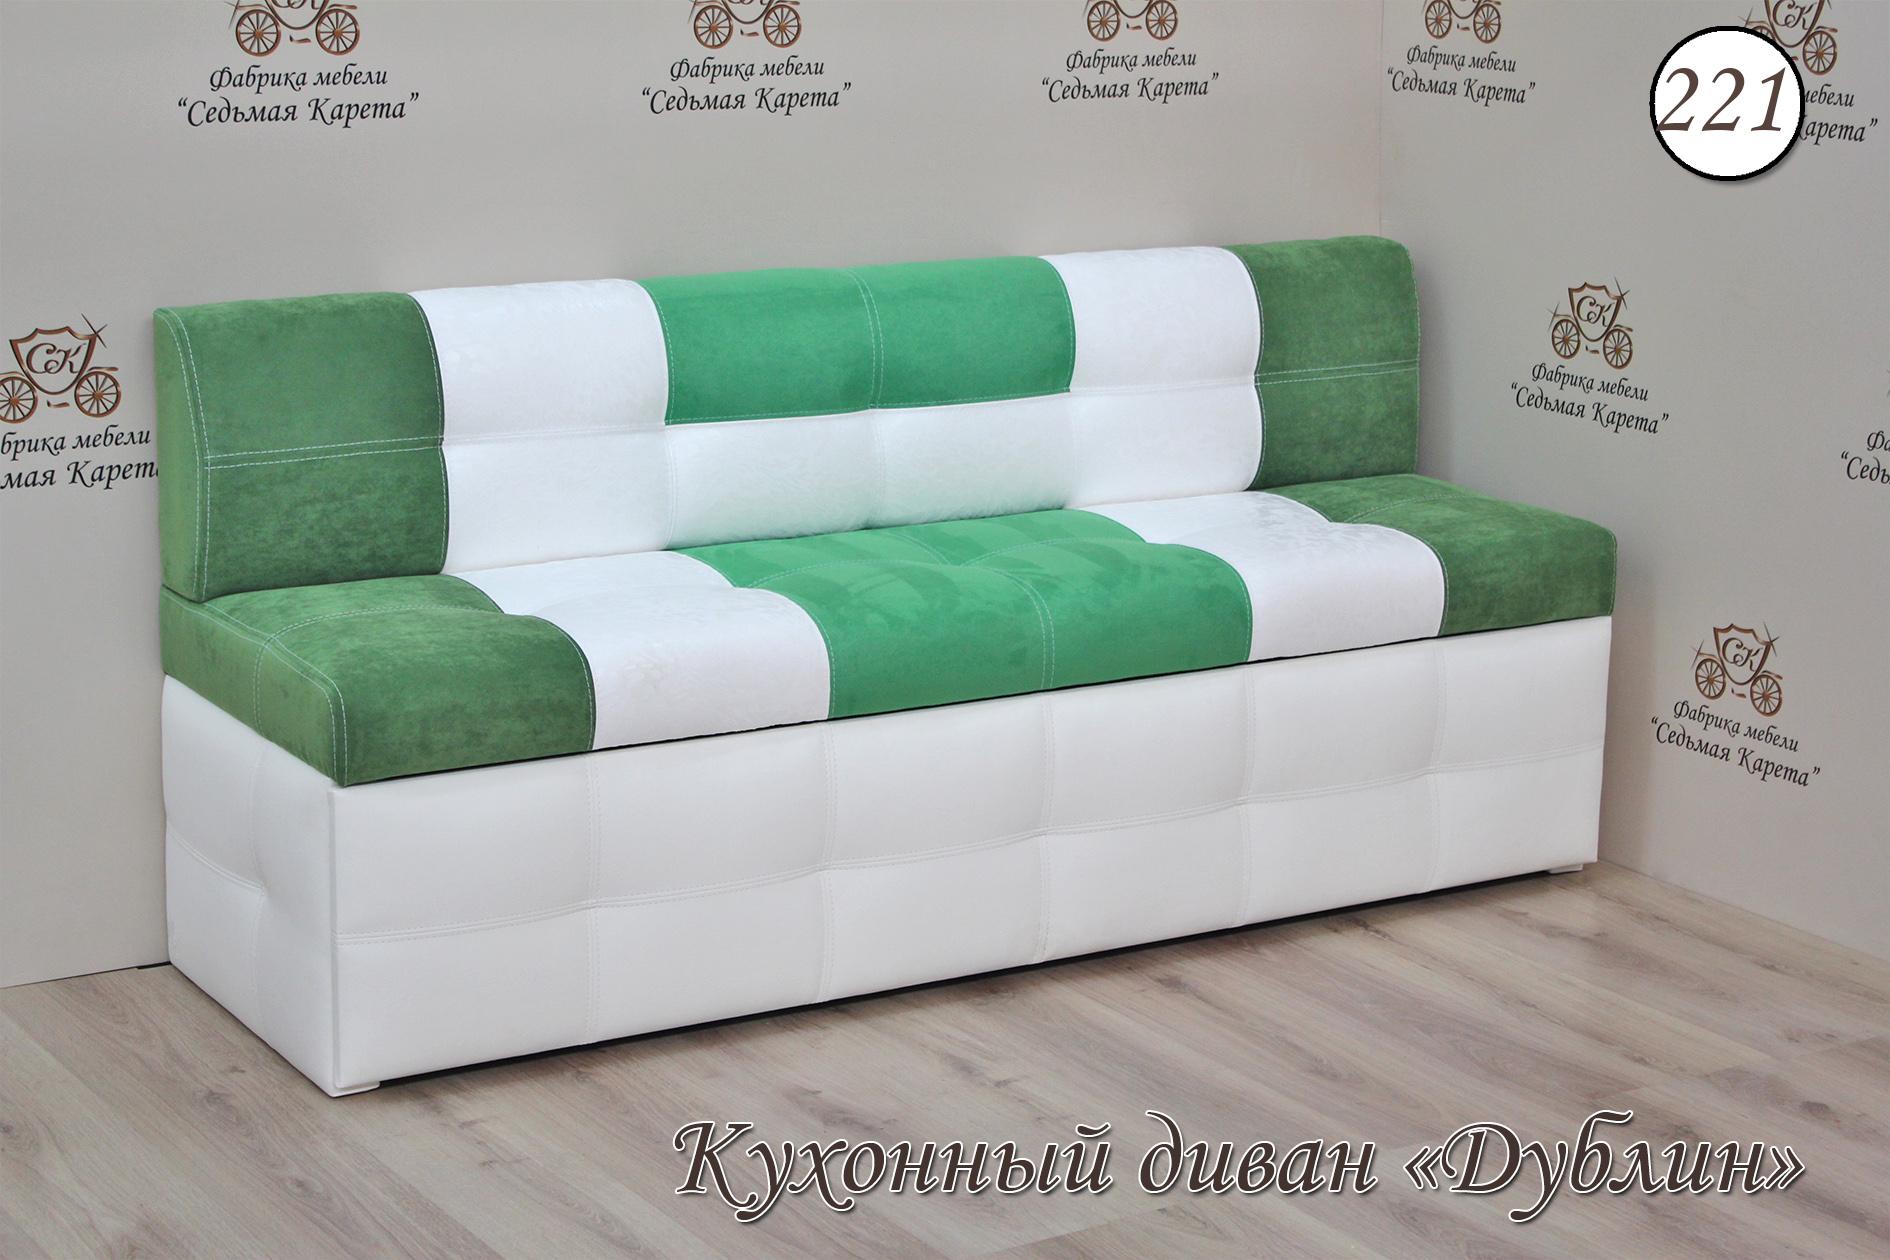 Кухонный диван Дублин-221